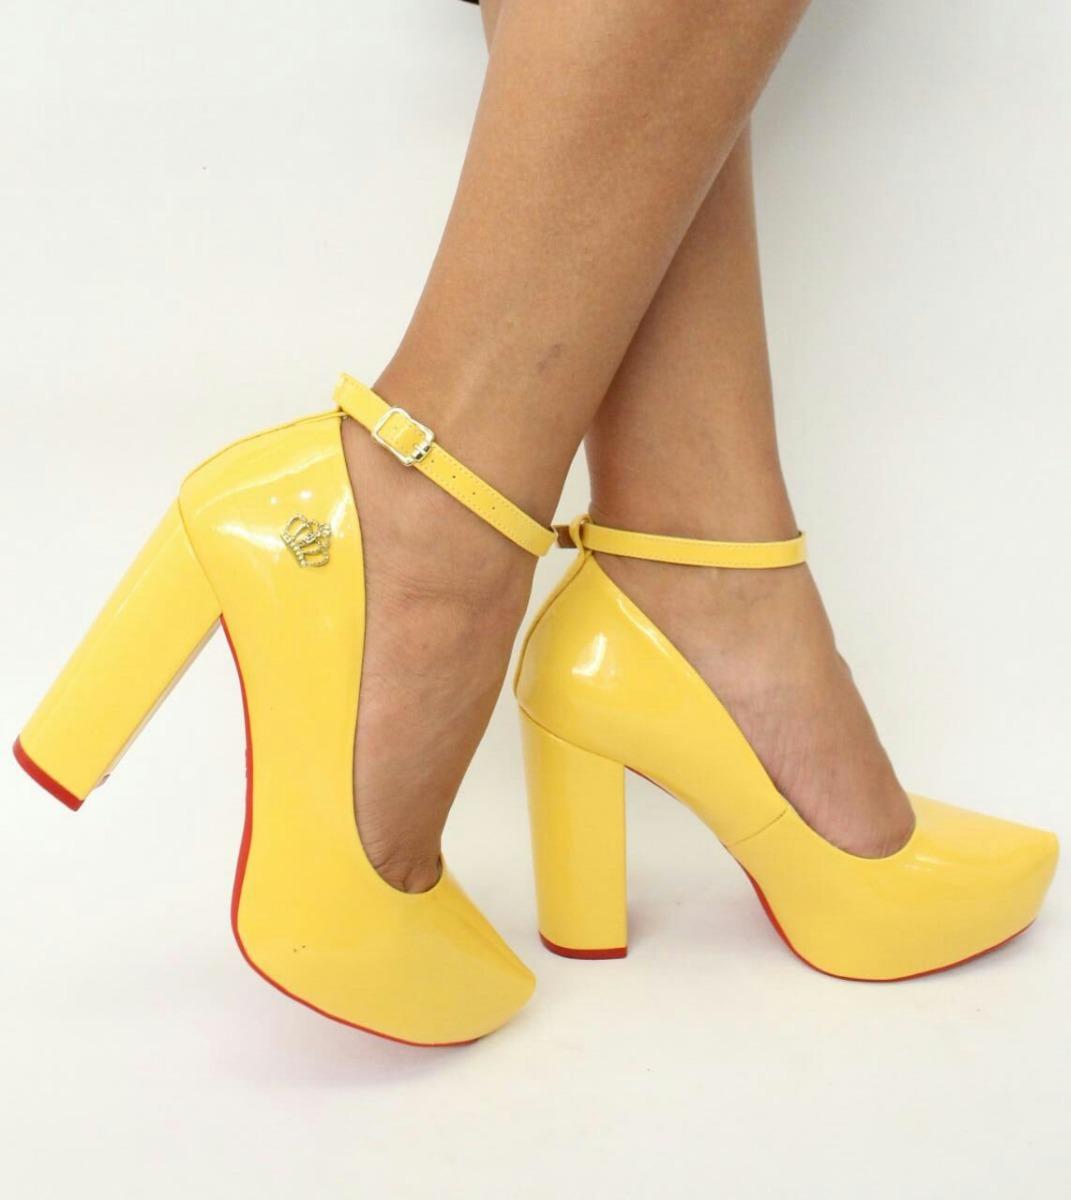 86103e060 scarpin amarelo verniz salto alto grosso meia pata tira. Carregando zoom.